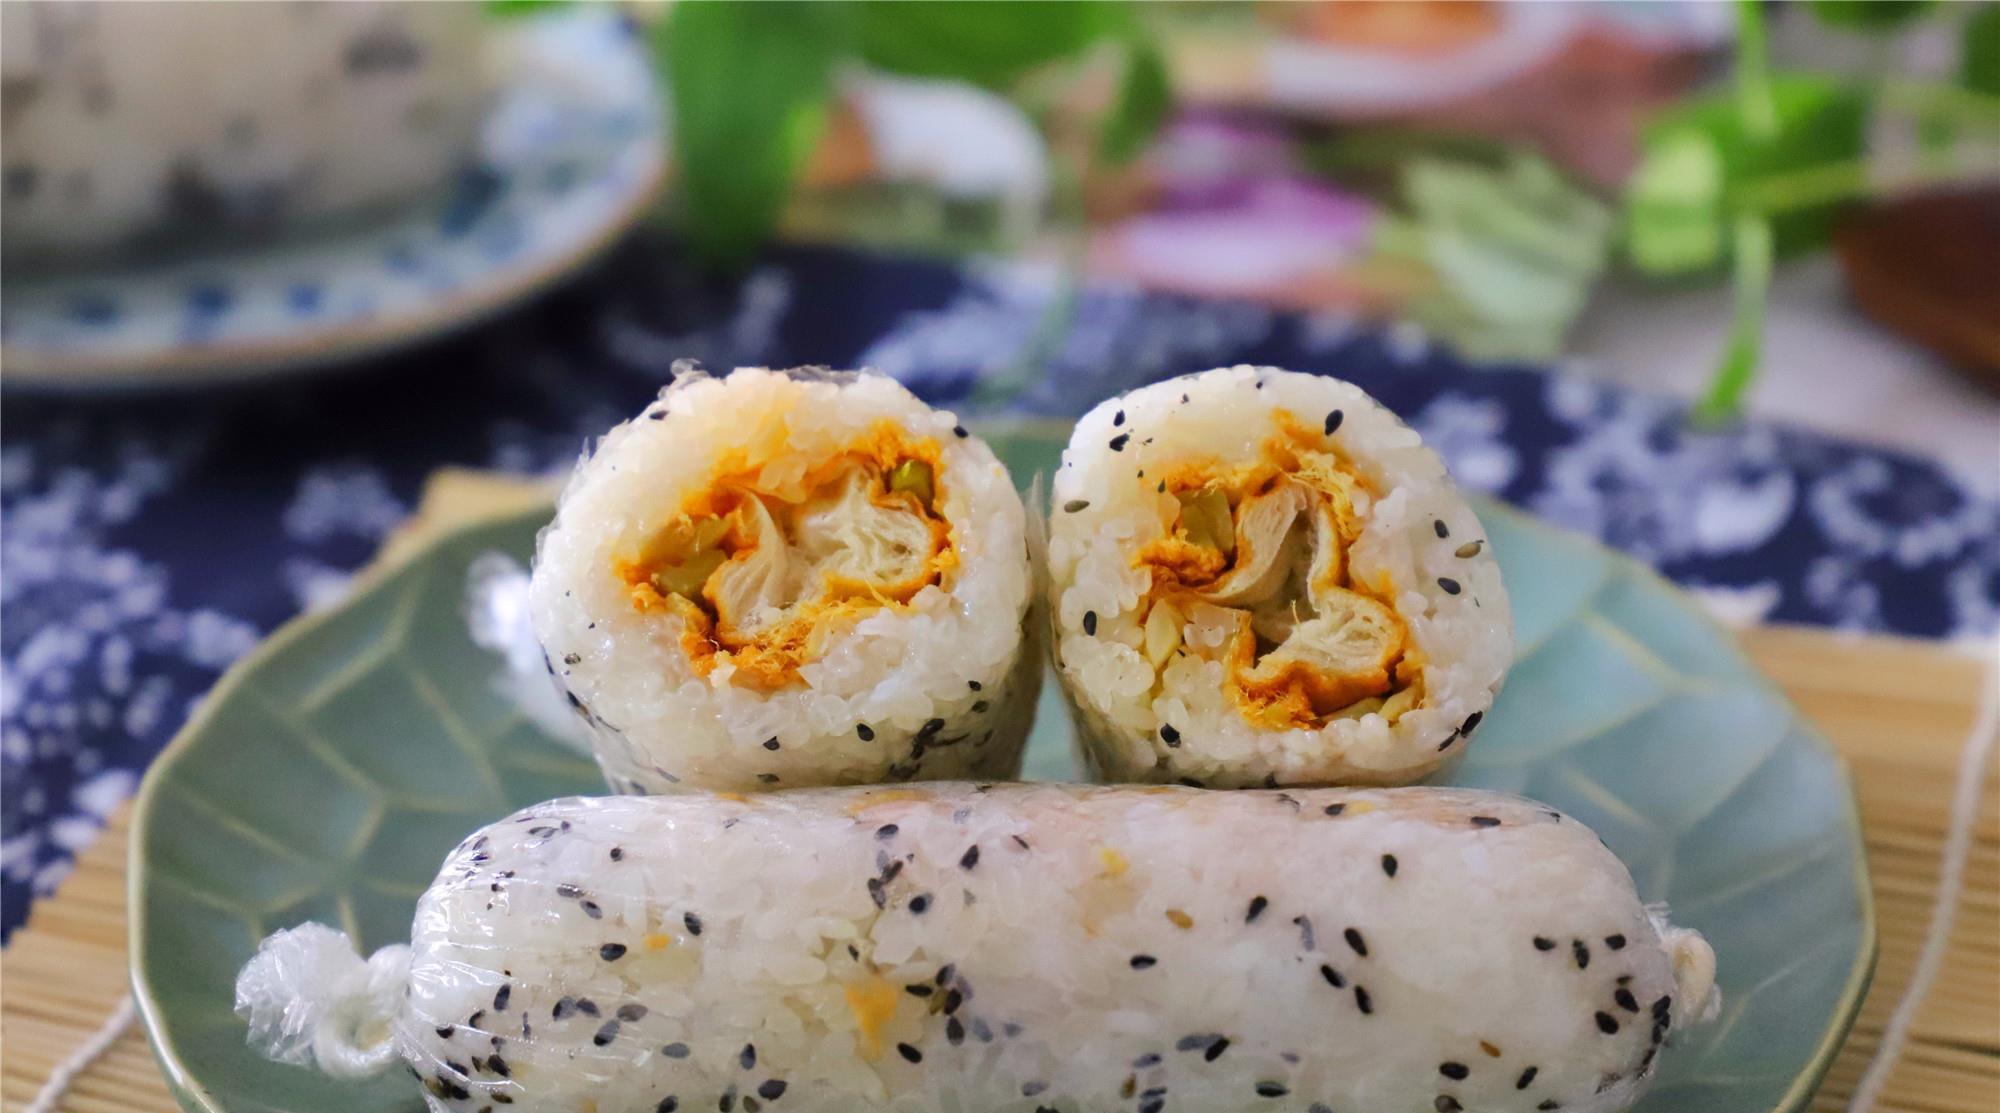 糯米最经典的做法,百吃不腻,随手一捏,比寿司好吃,江南人最爱